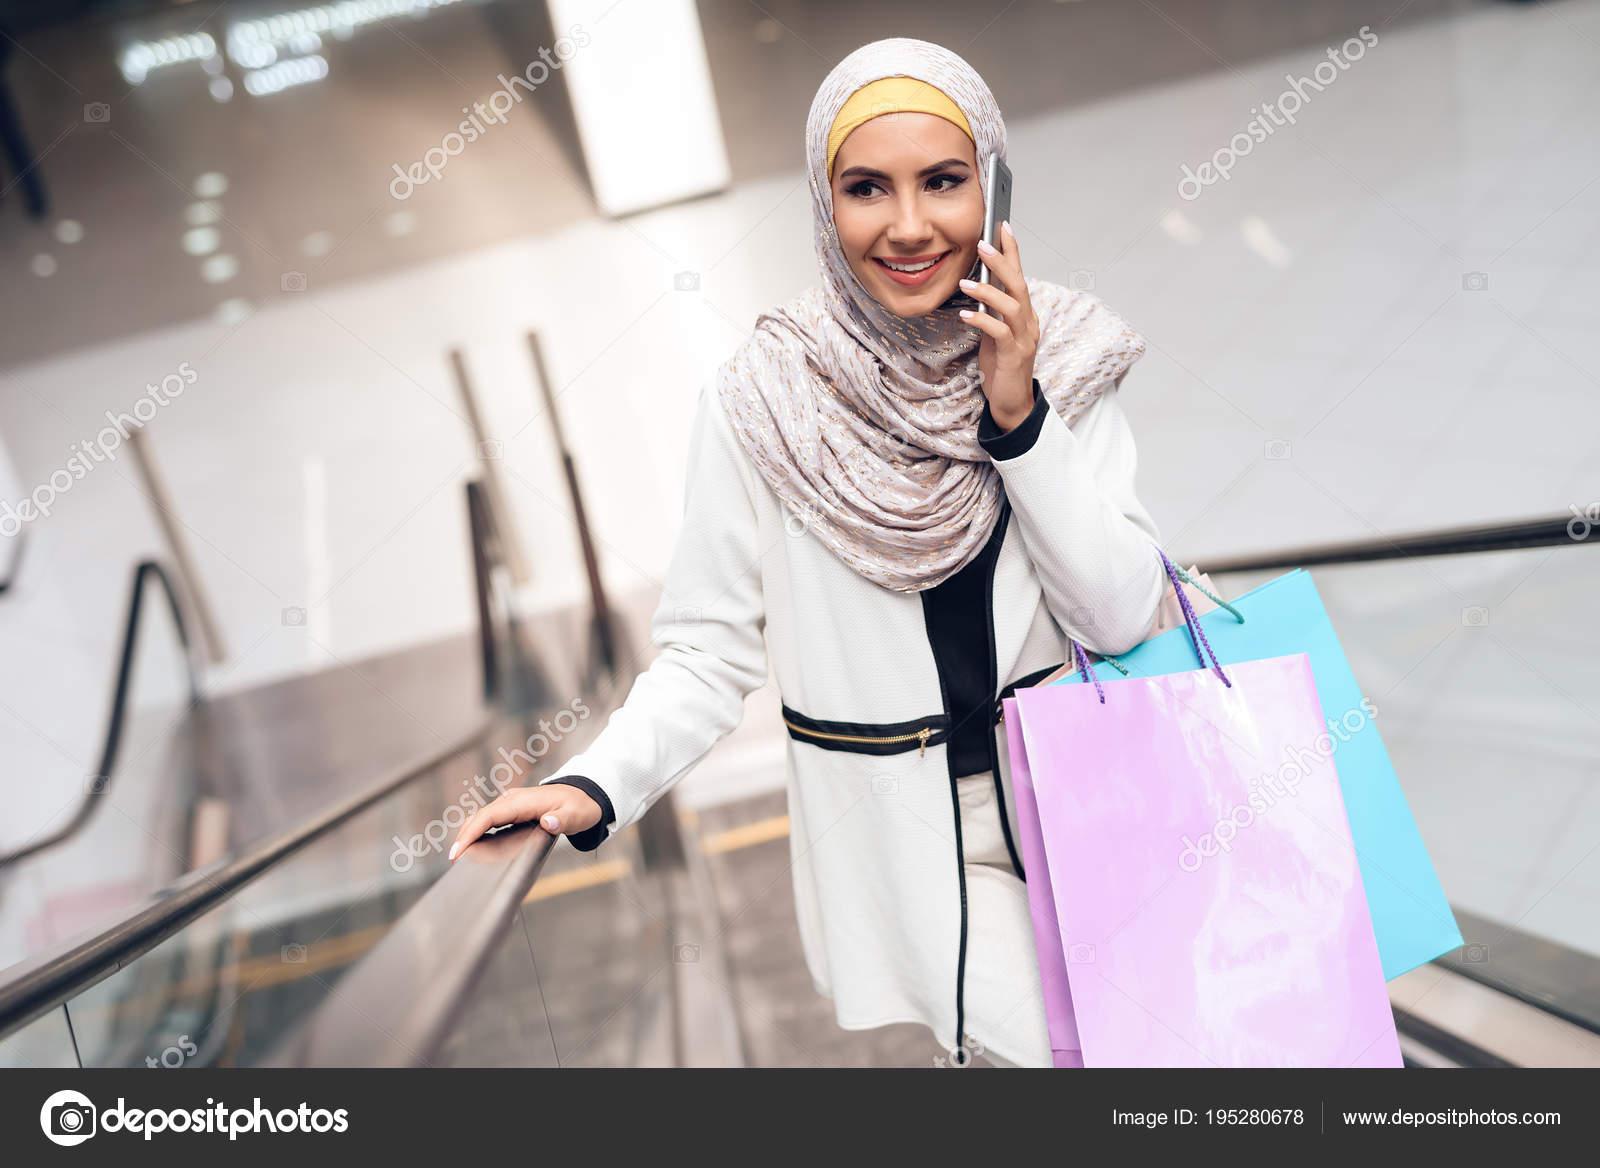 Araberin schön